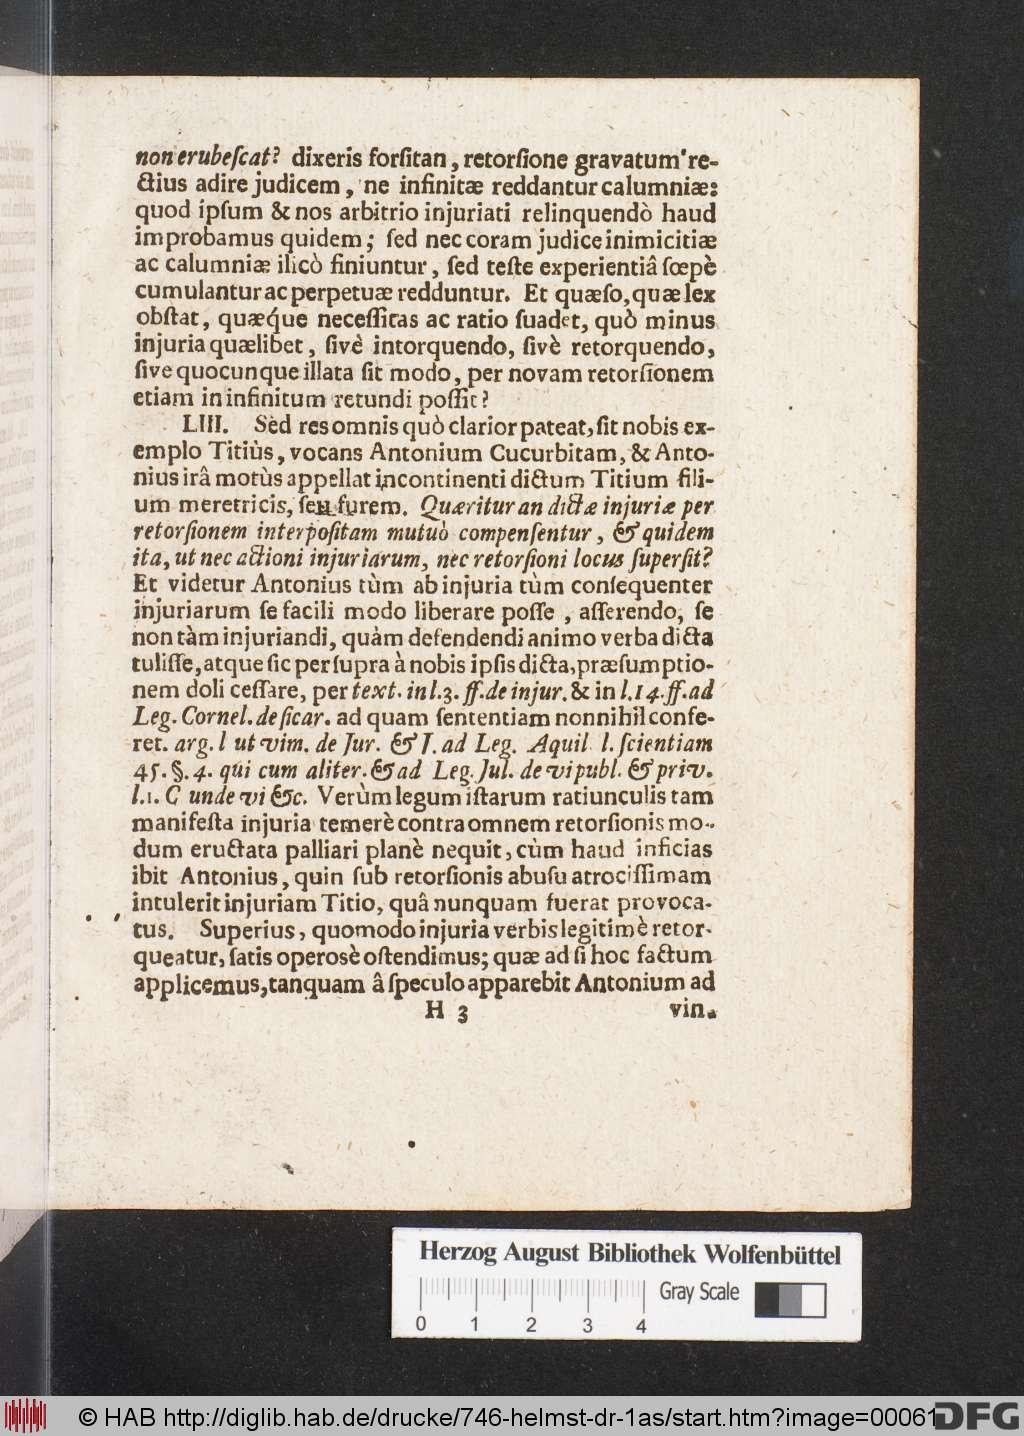 http://diglib.hab.de/drucke/746-helmst-dr-1as/00061.jpg